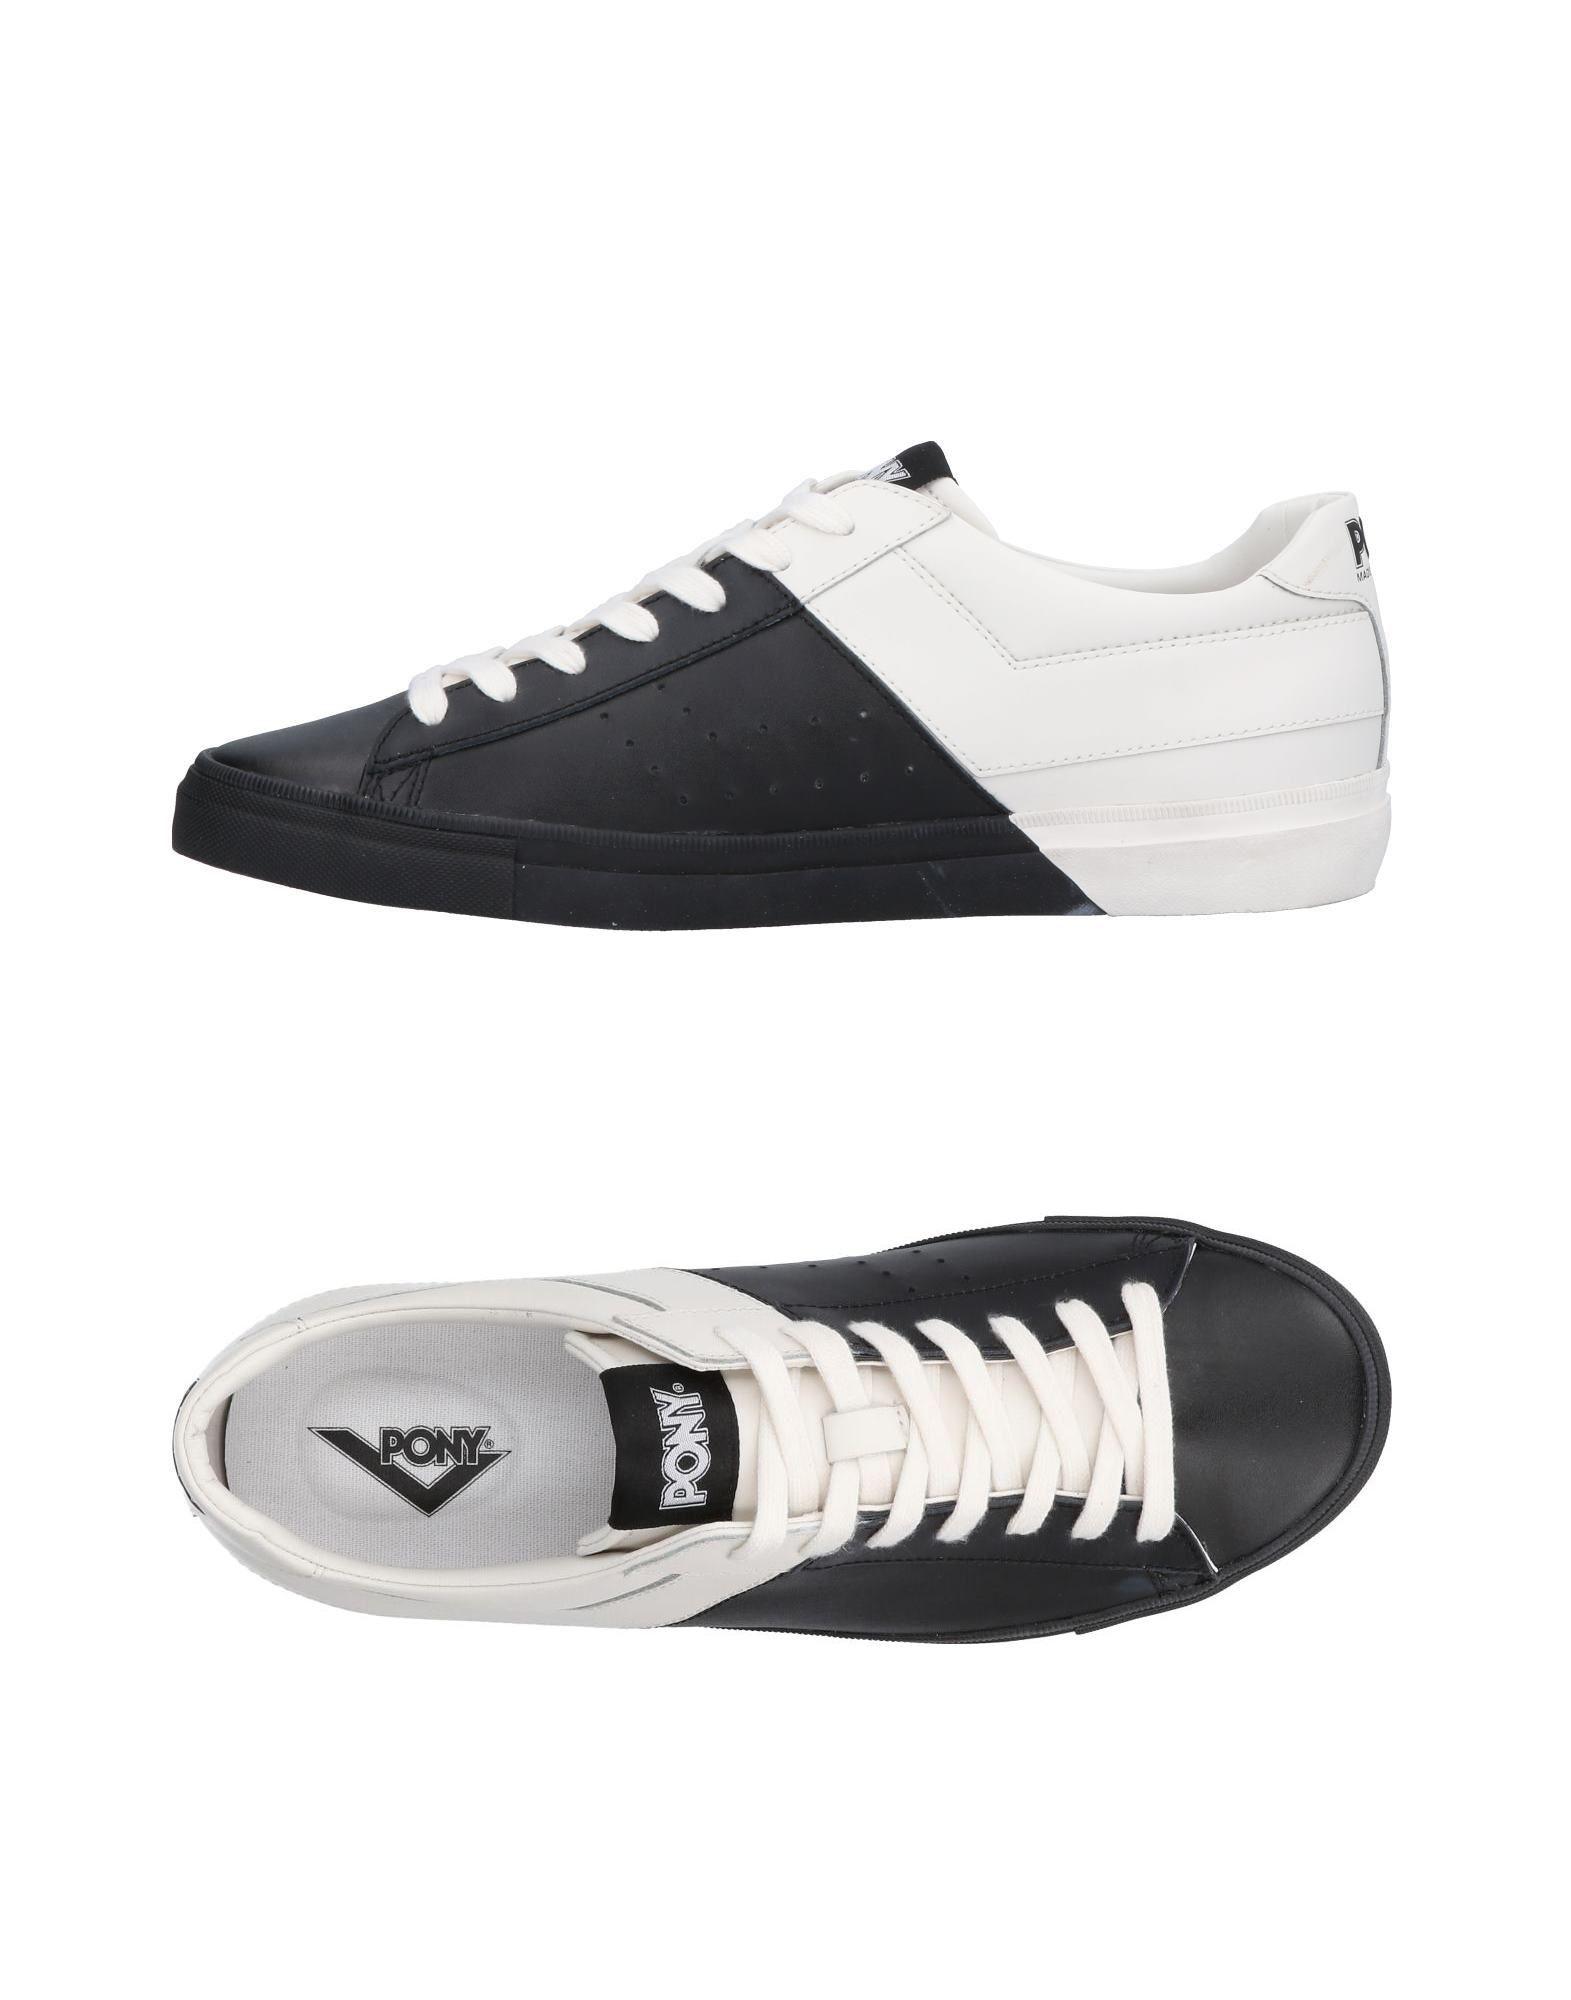 11467940MP Pony Sneakers Herren  11467940MP  Heiße Schuhe 7b3e93